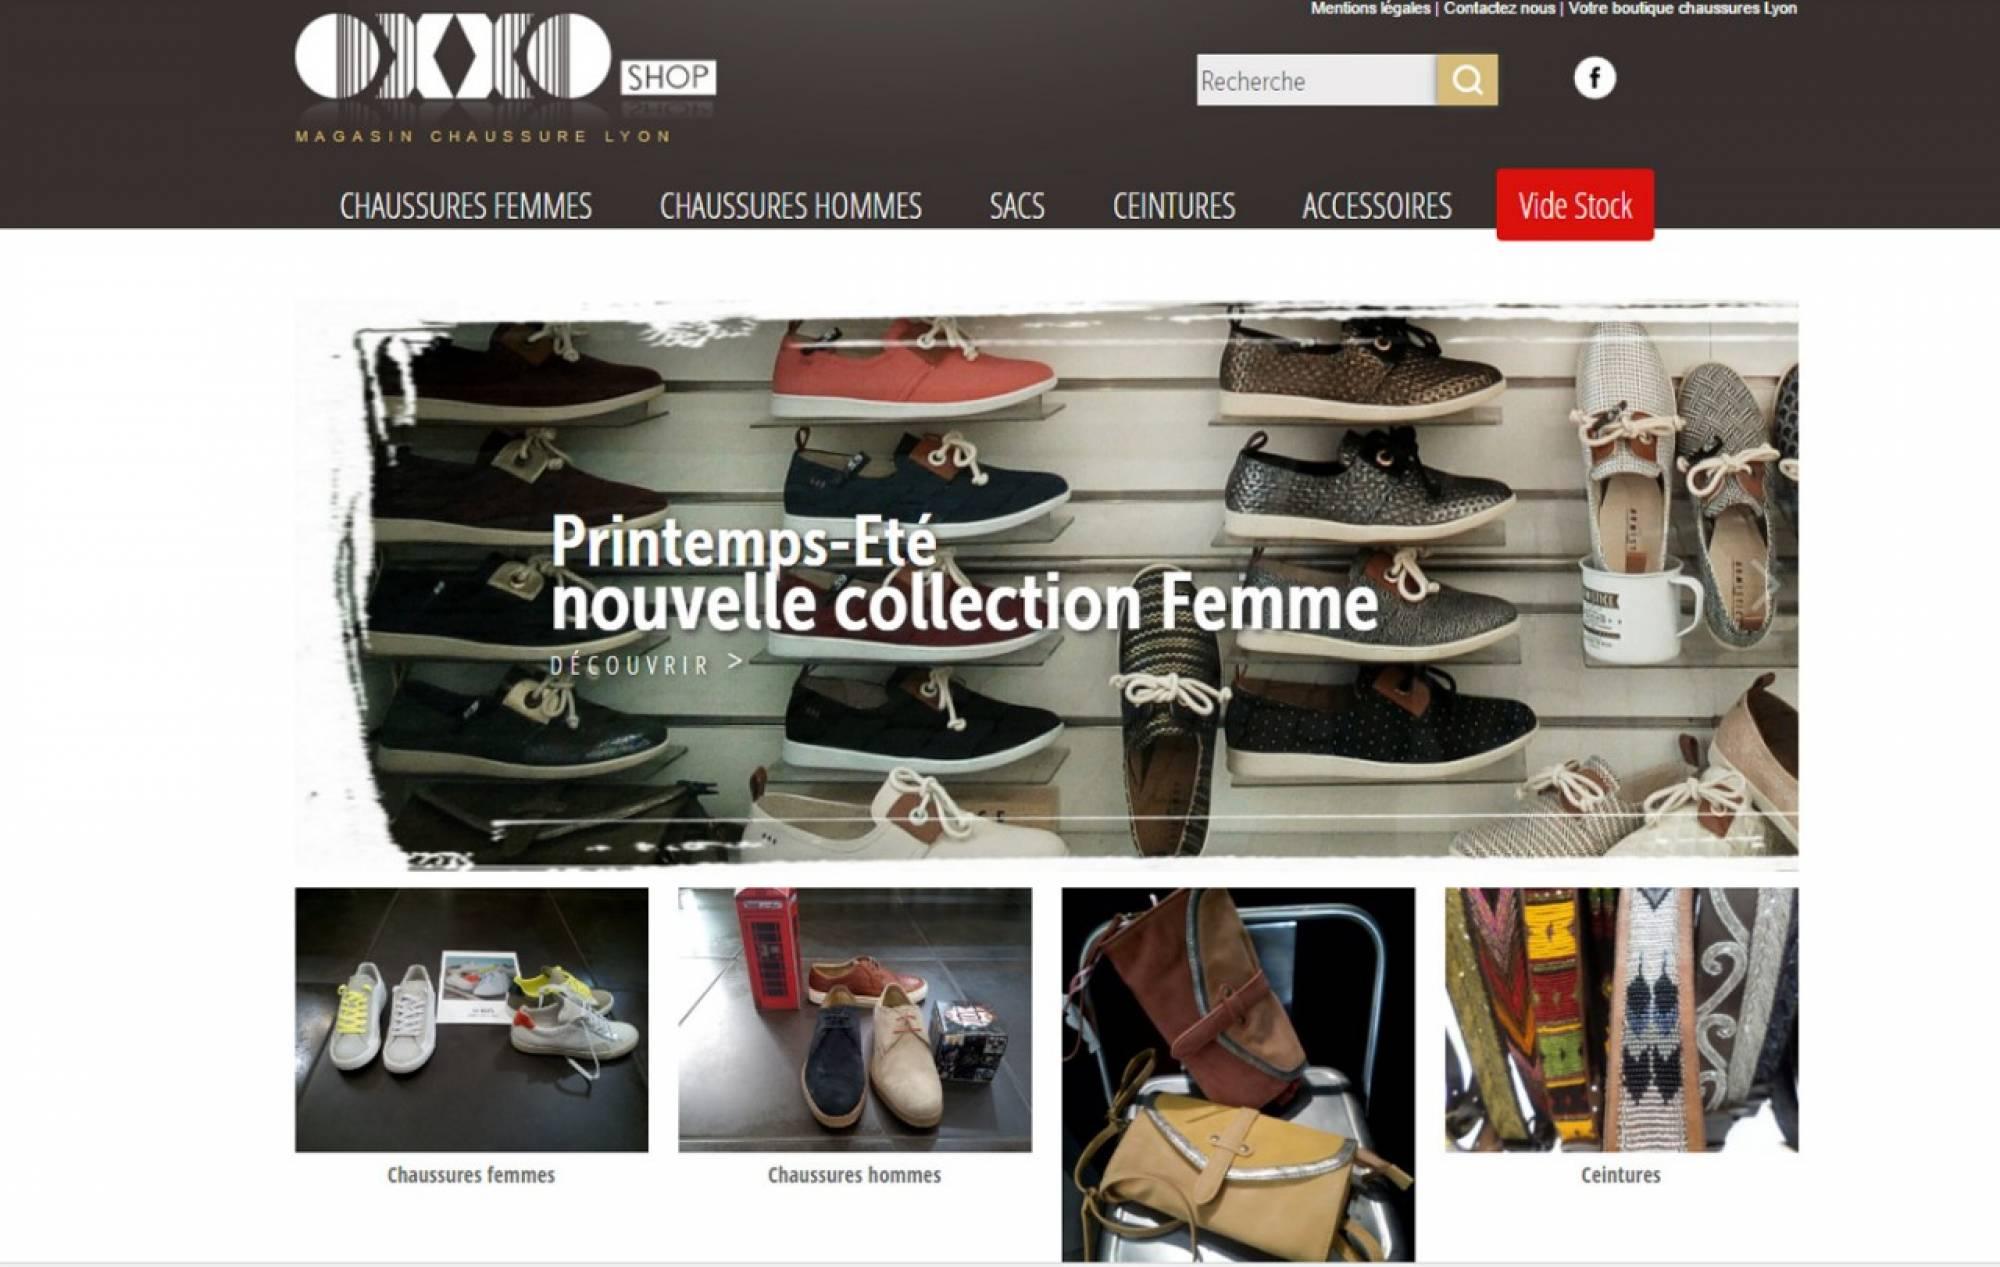 71edd89c82b Formasoft-pro - OXXO-SHOP Magasin de Chaussures